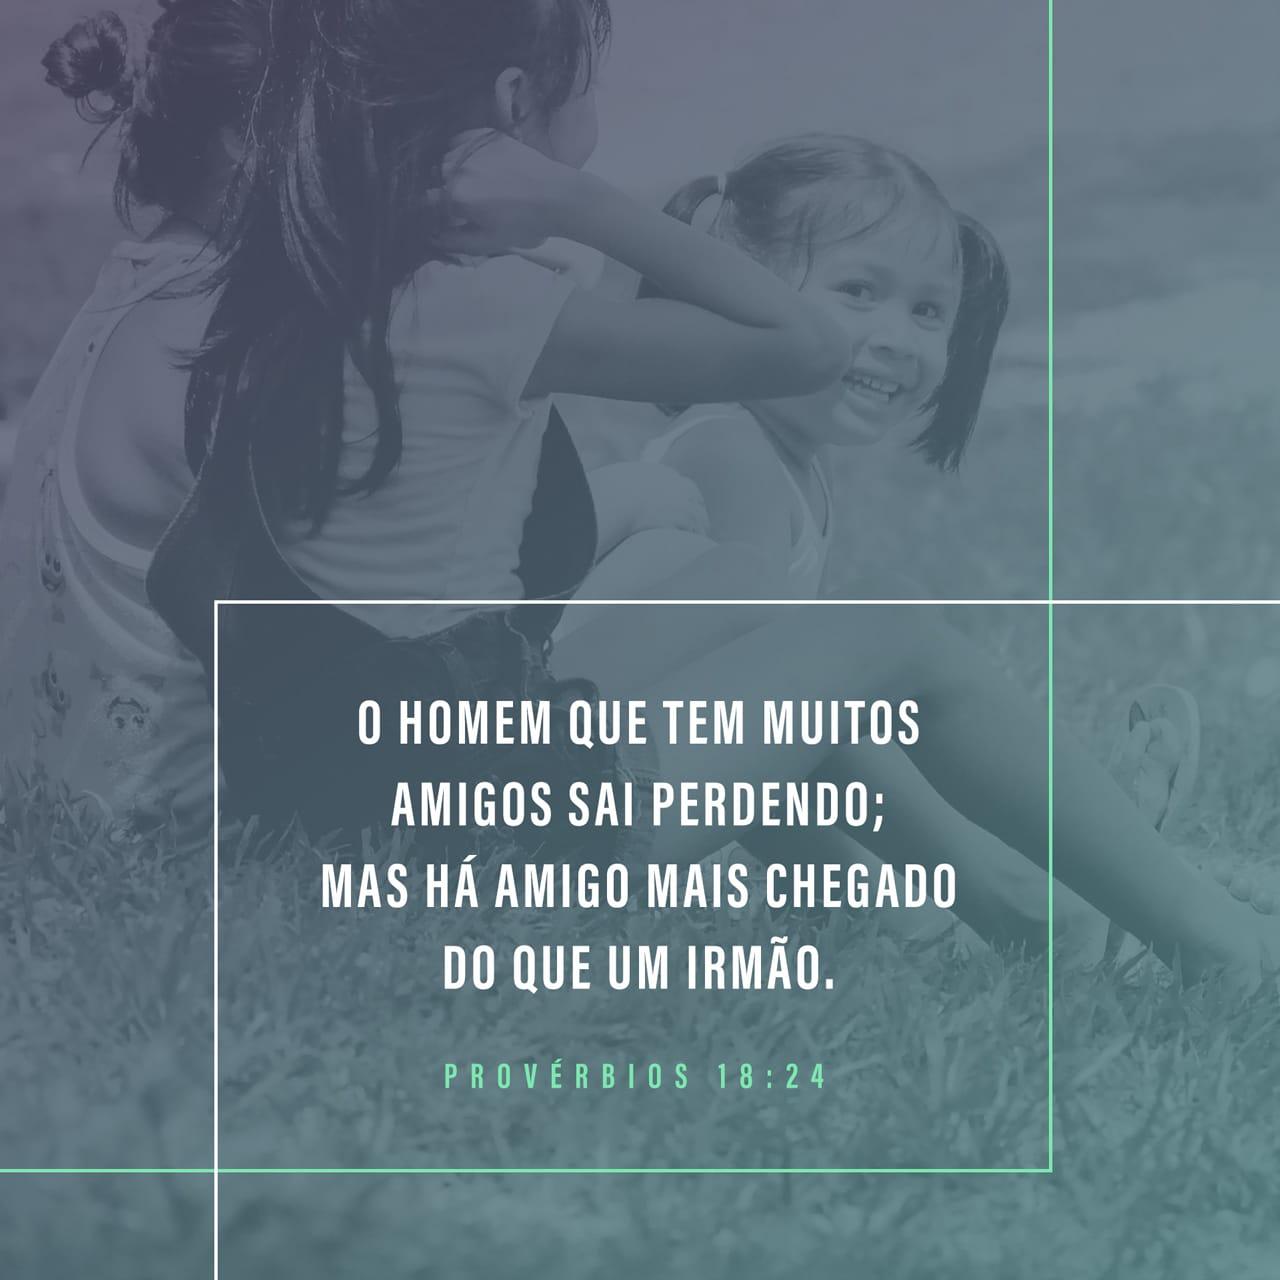 Provérbios 1824 Algumas Amizades Não Duram Nada Mas Um Verdadeiro